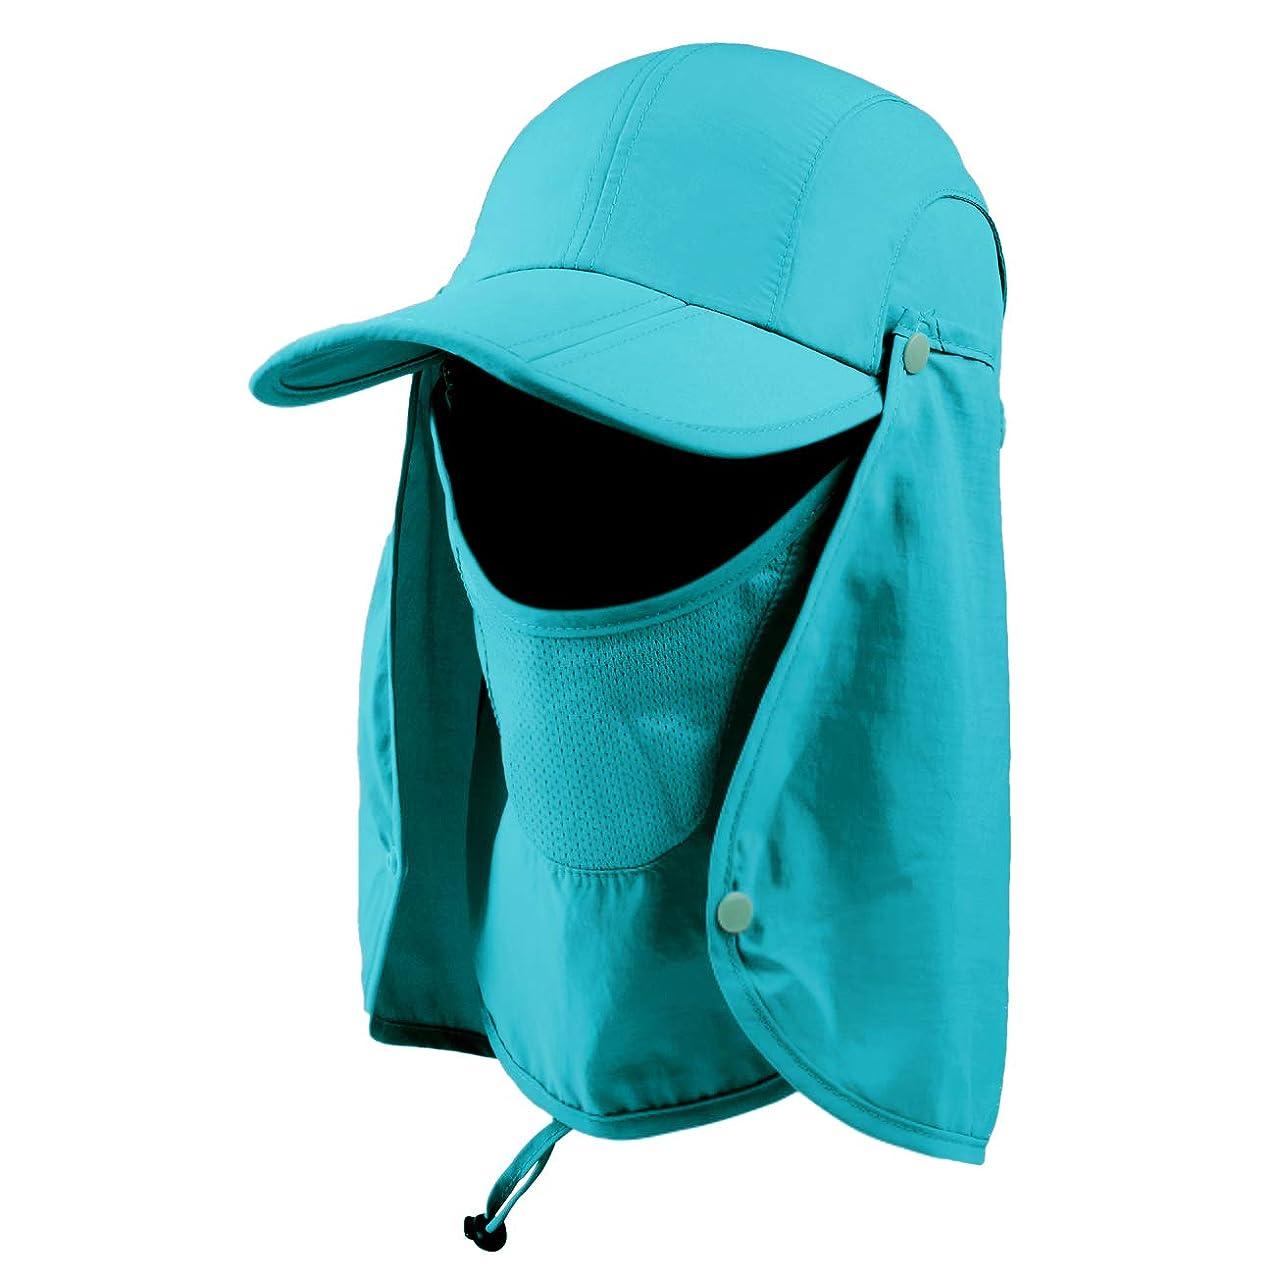 求人引用反抗iBasingo アウトドア UVカット 帽子 3Way 360度UVカット 日除け 折りたたみ可能 紫外線対策 花粉対策 取り外し可能 フェイスカバー スポーツ 登山 農作業 ガーデニング キャップ ランニング 釣り メンズレディース兼用 全6色 BVH19